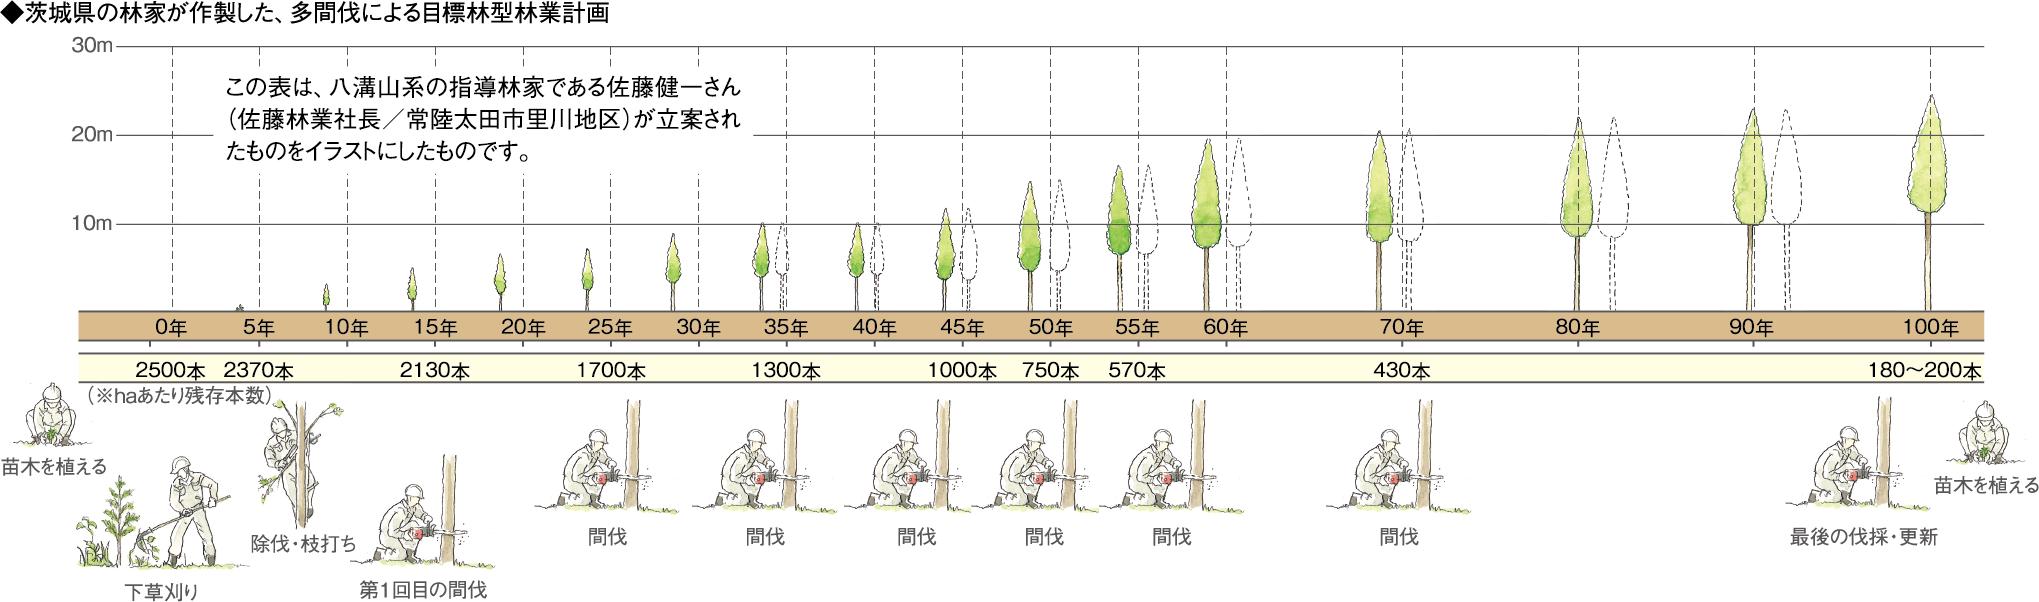 目標林型林業計画